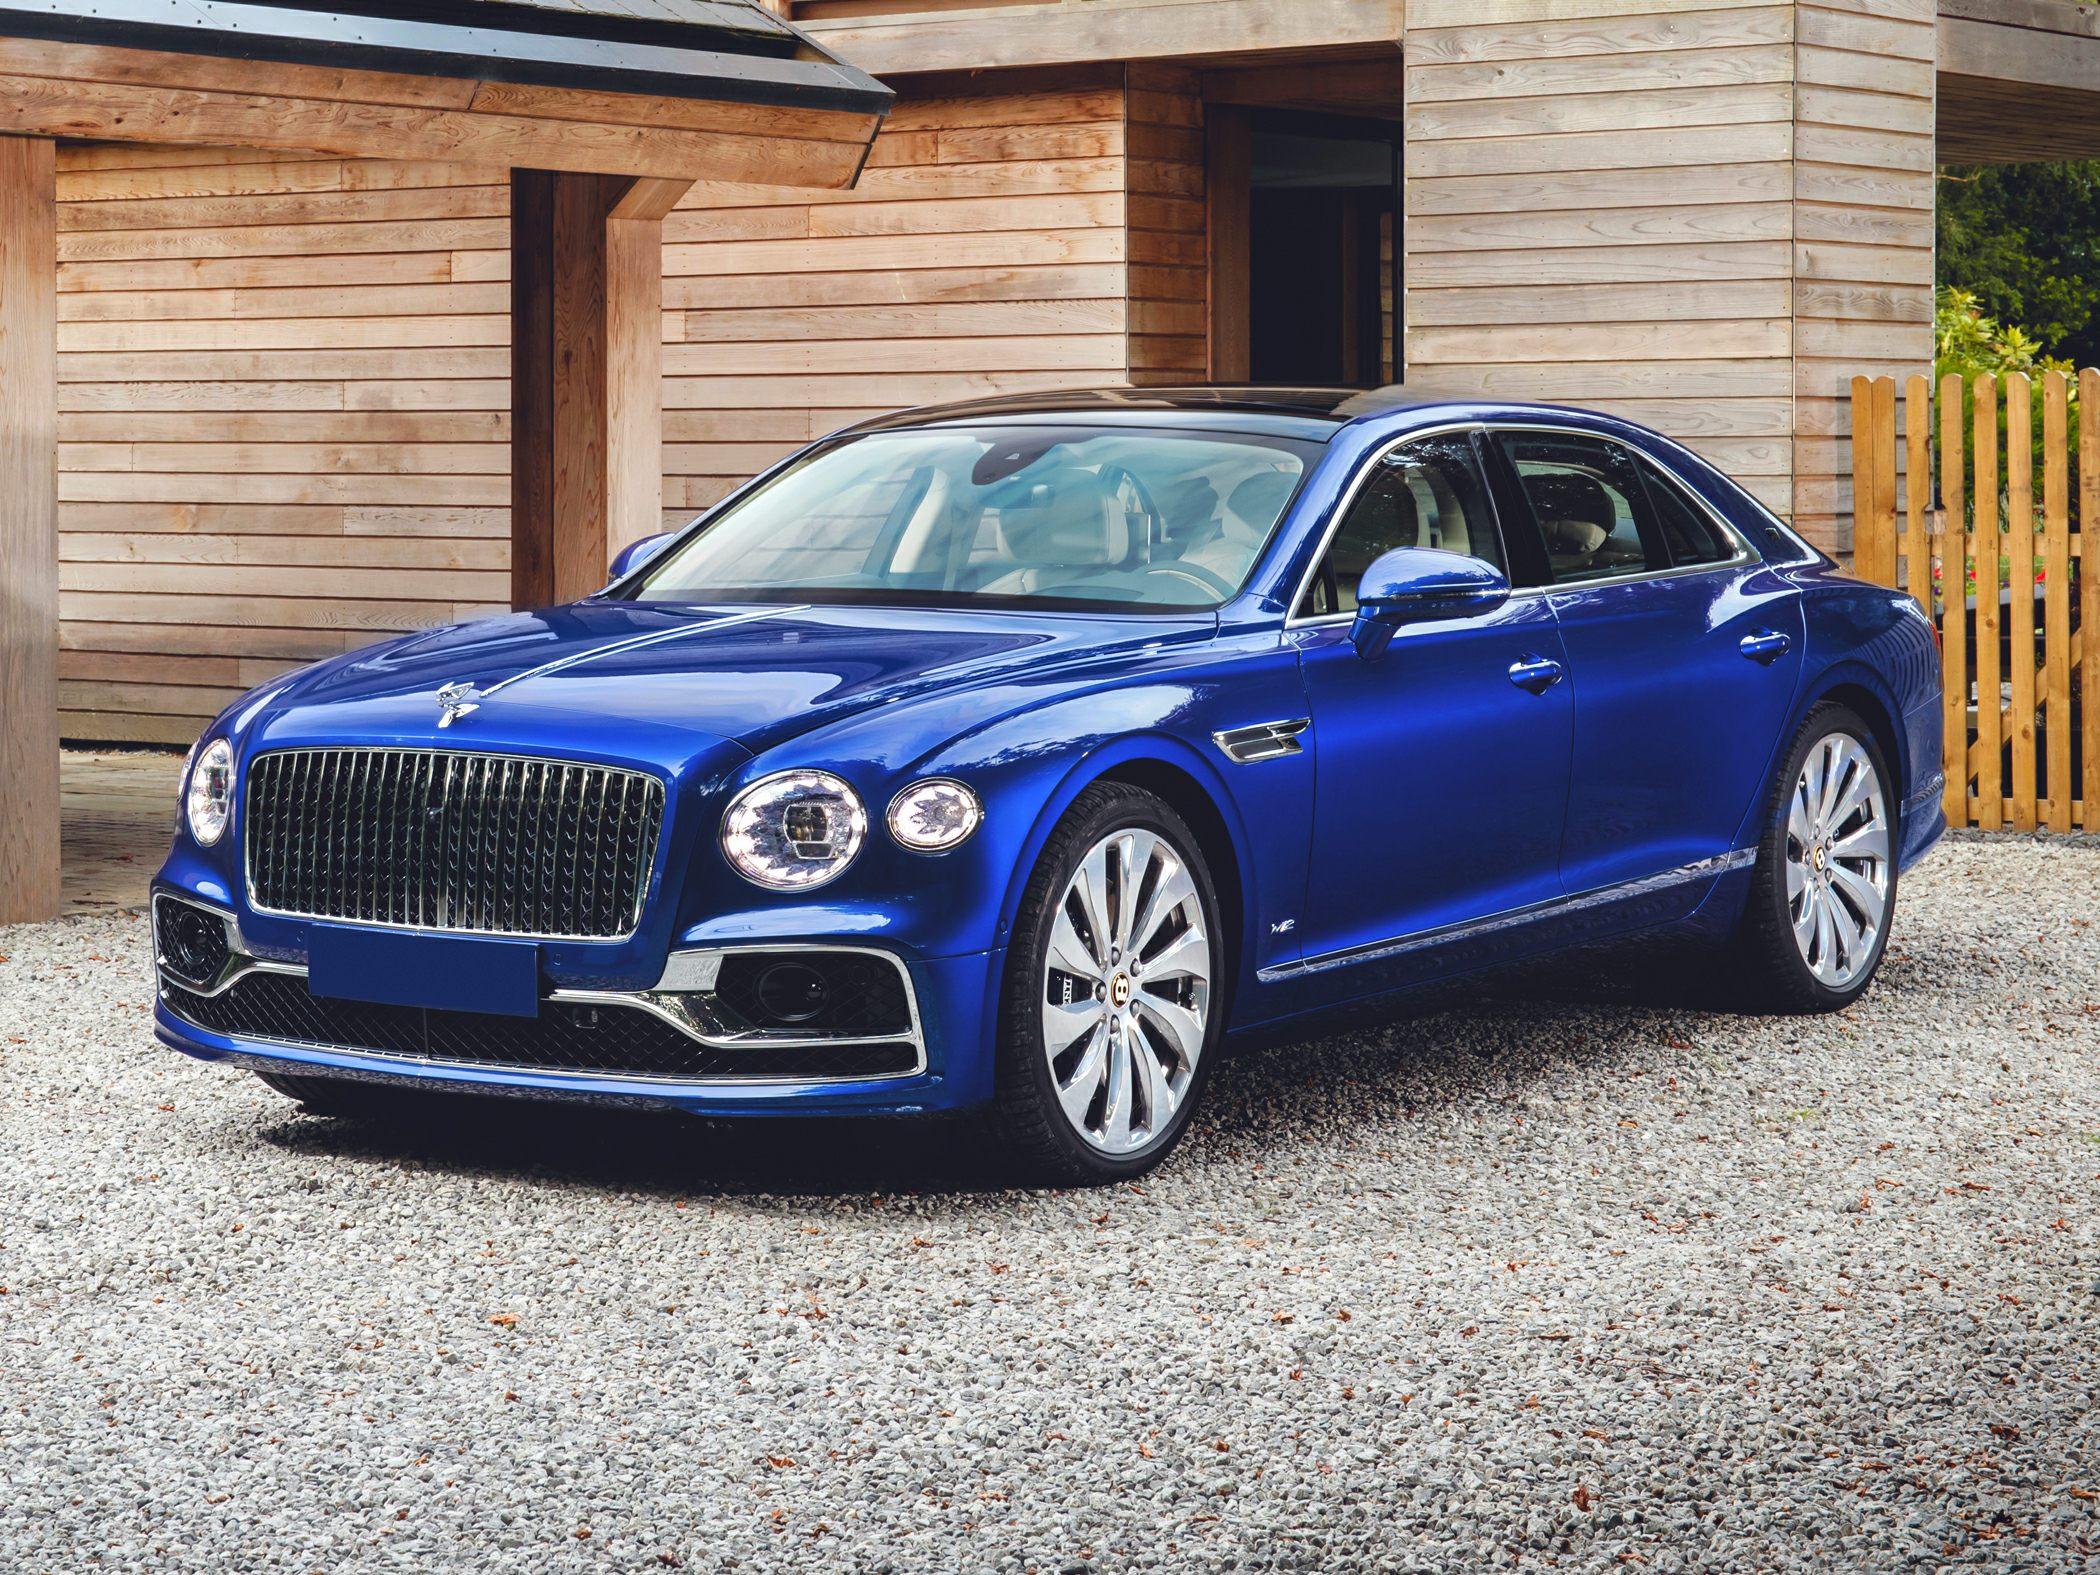 2020 Bentley Flying Spur Specs